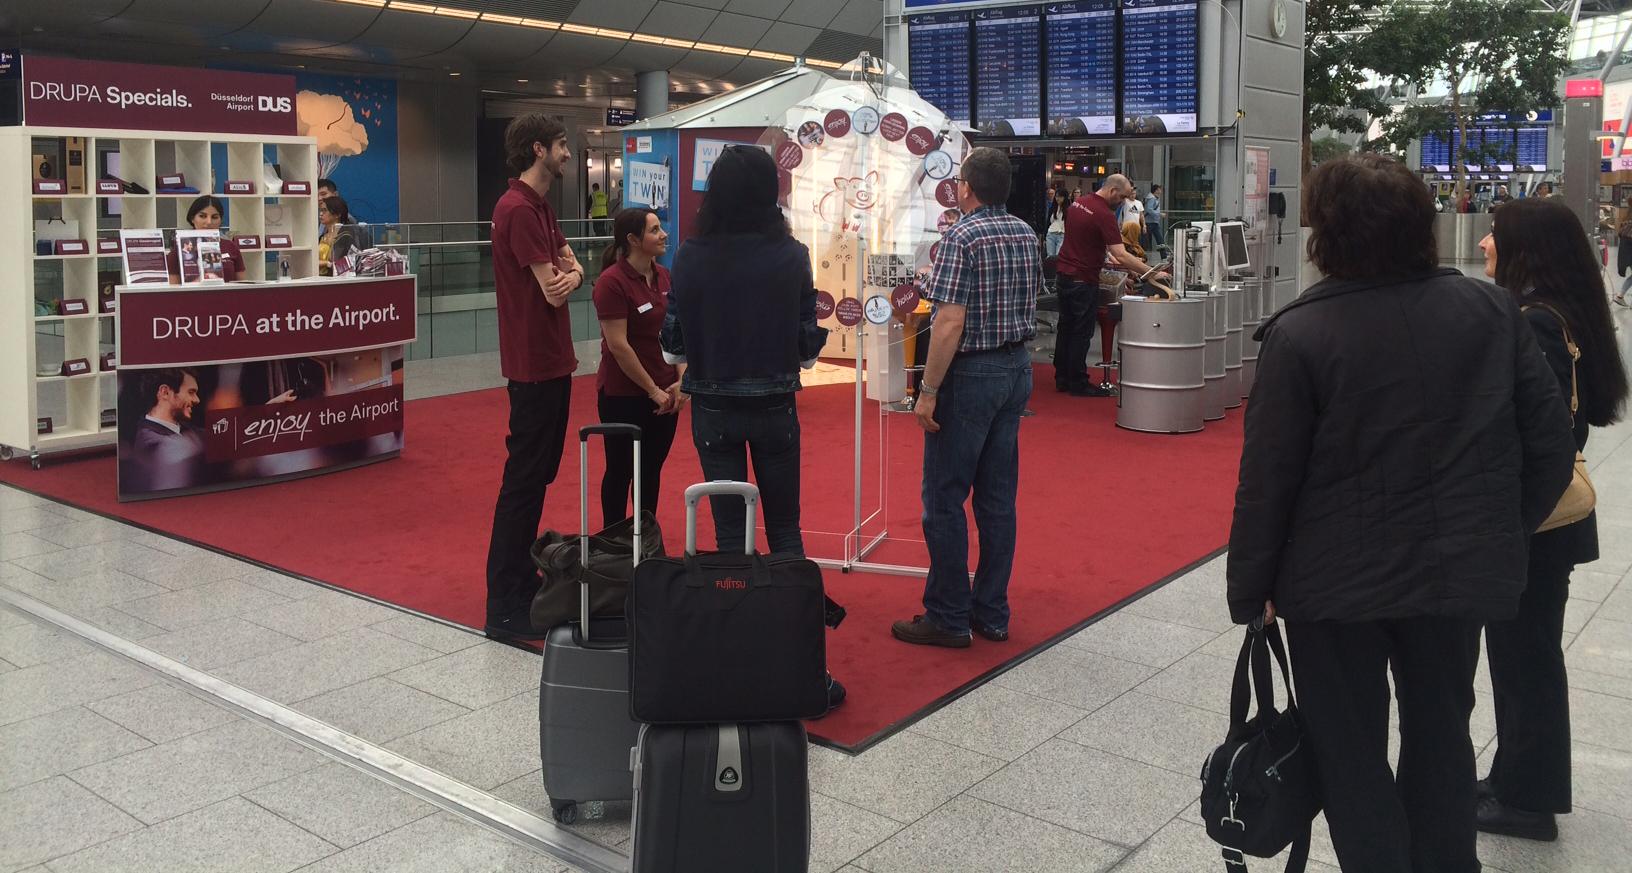 Der 3D-Body-Scanner im Einsatz für die Drupa am Düsseldorfer Flughafen